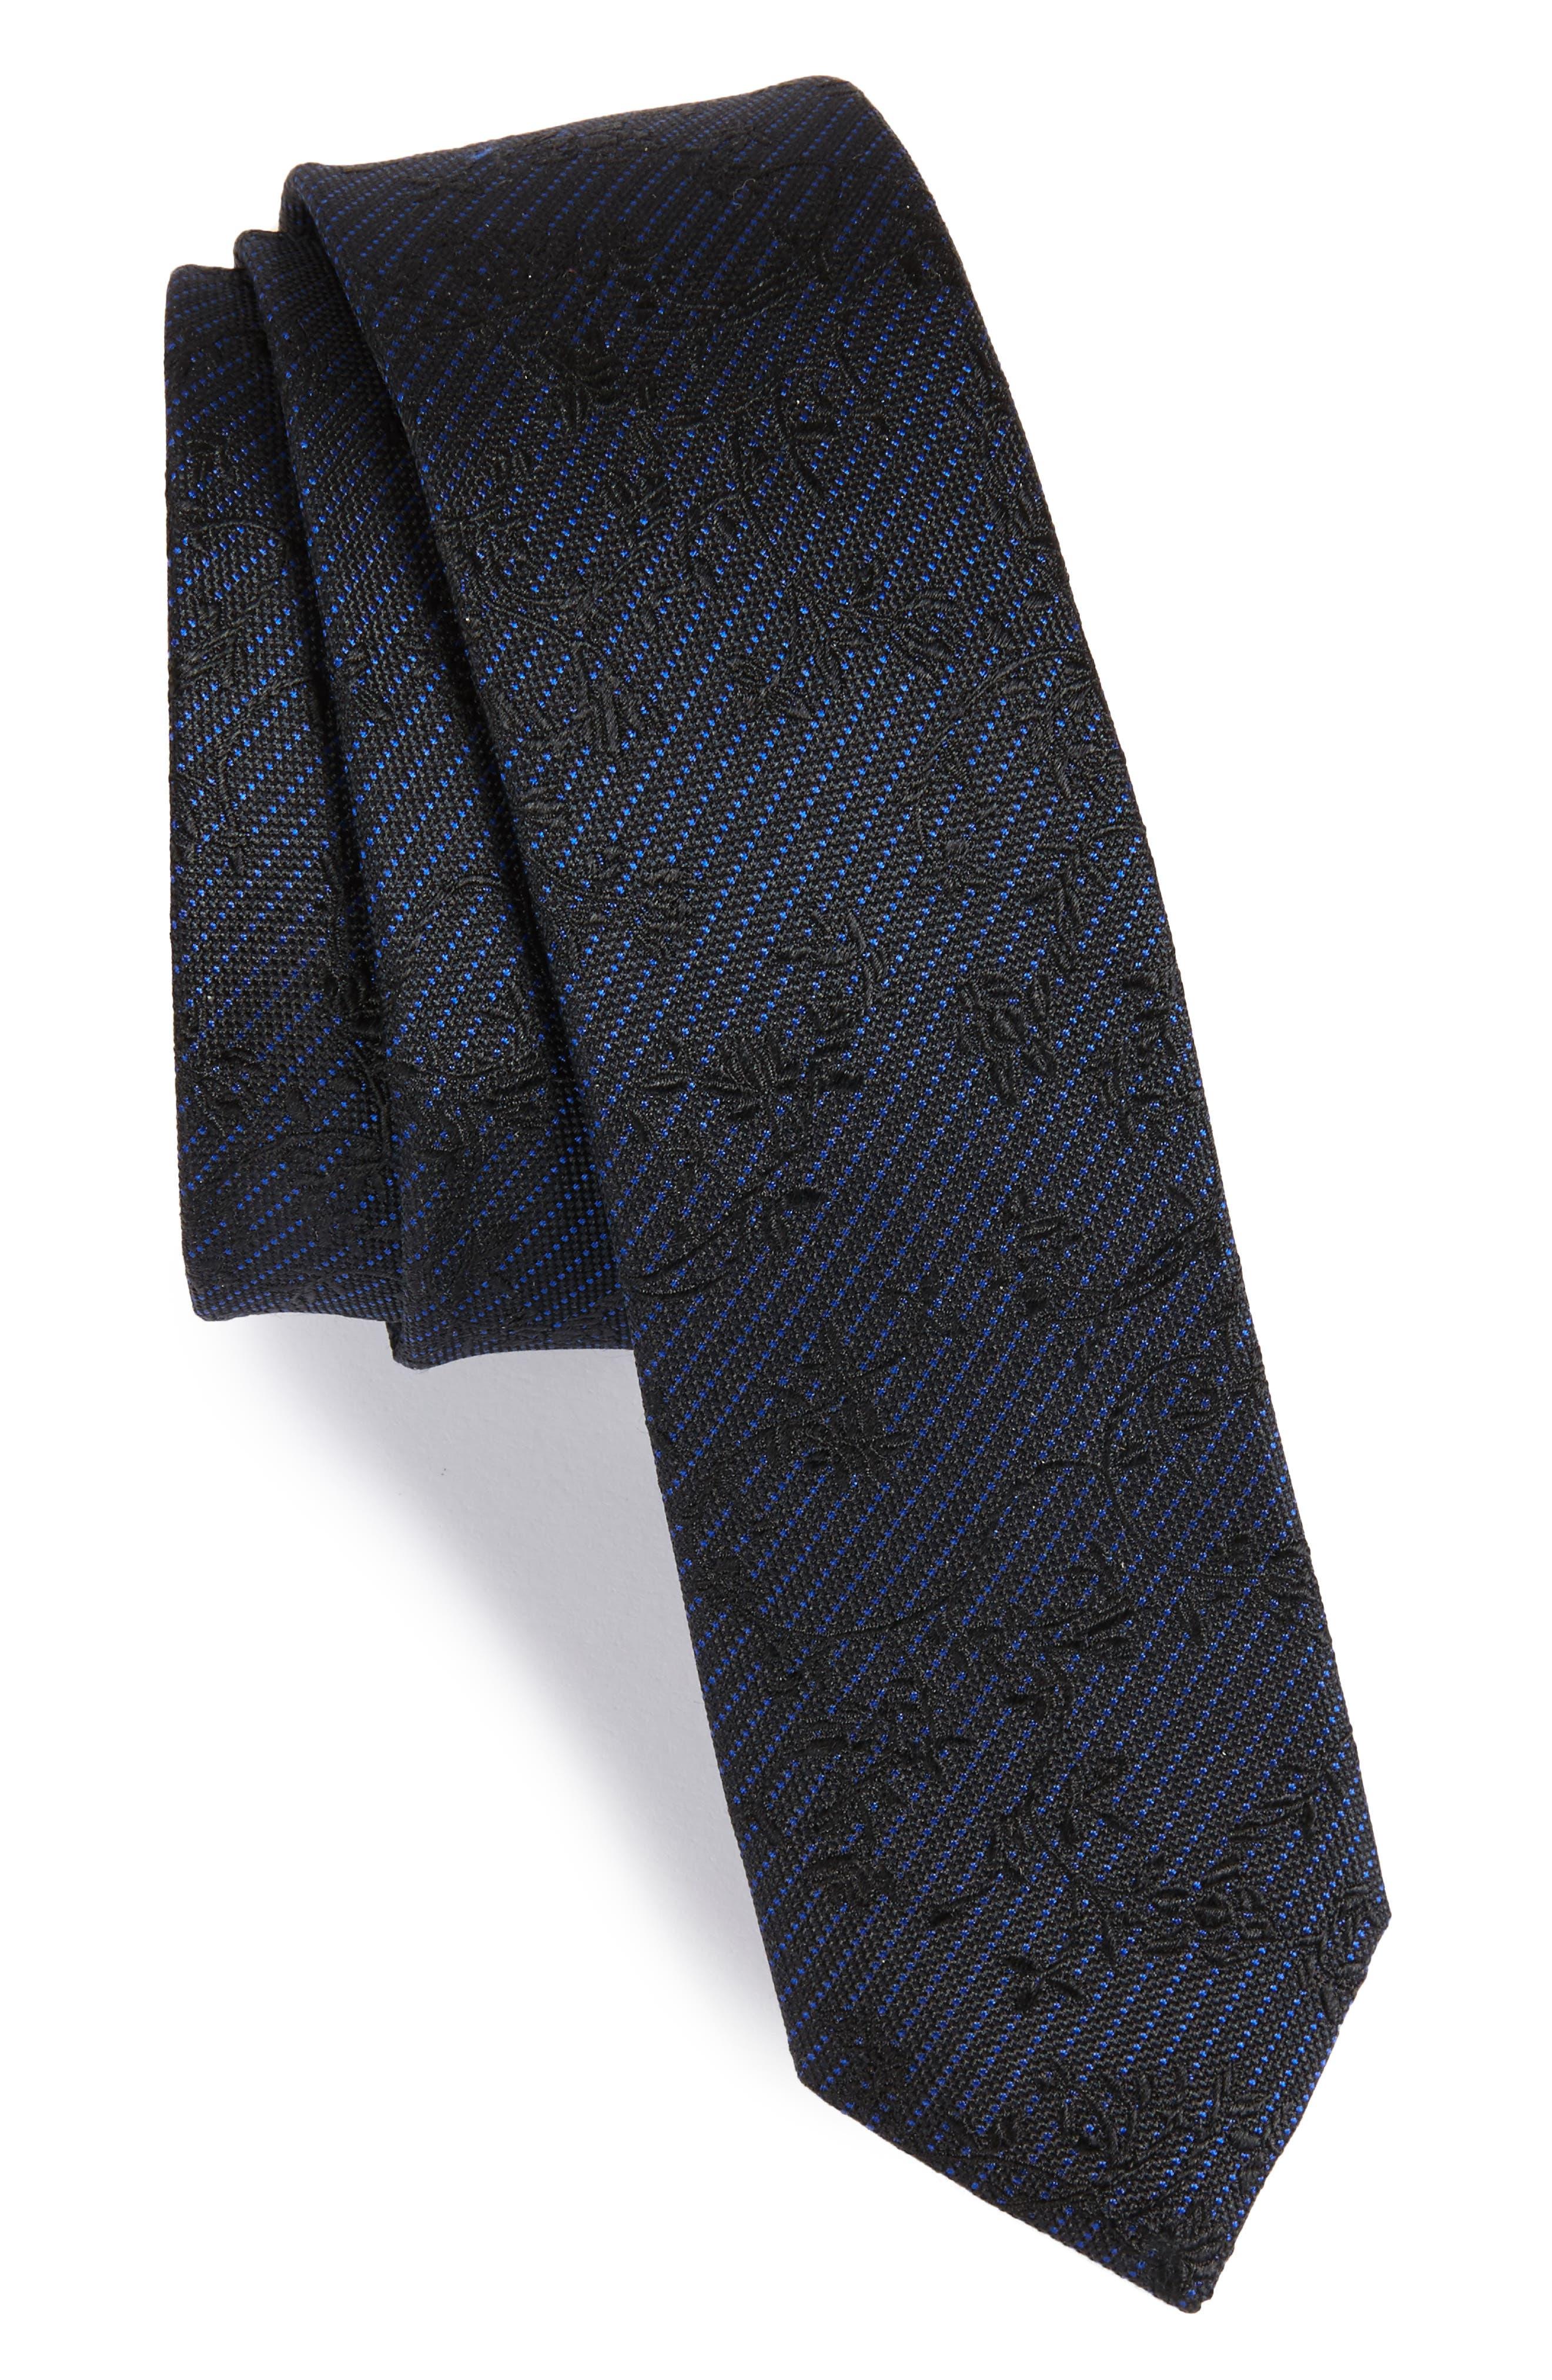 Main Image - The Kooples Floral Silk Skinny Tie